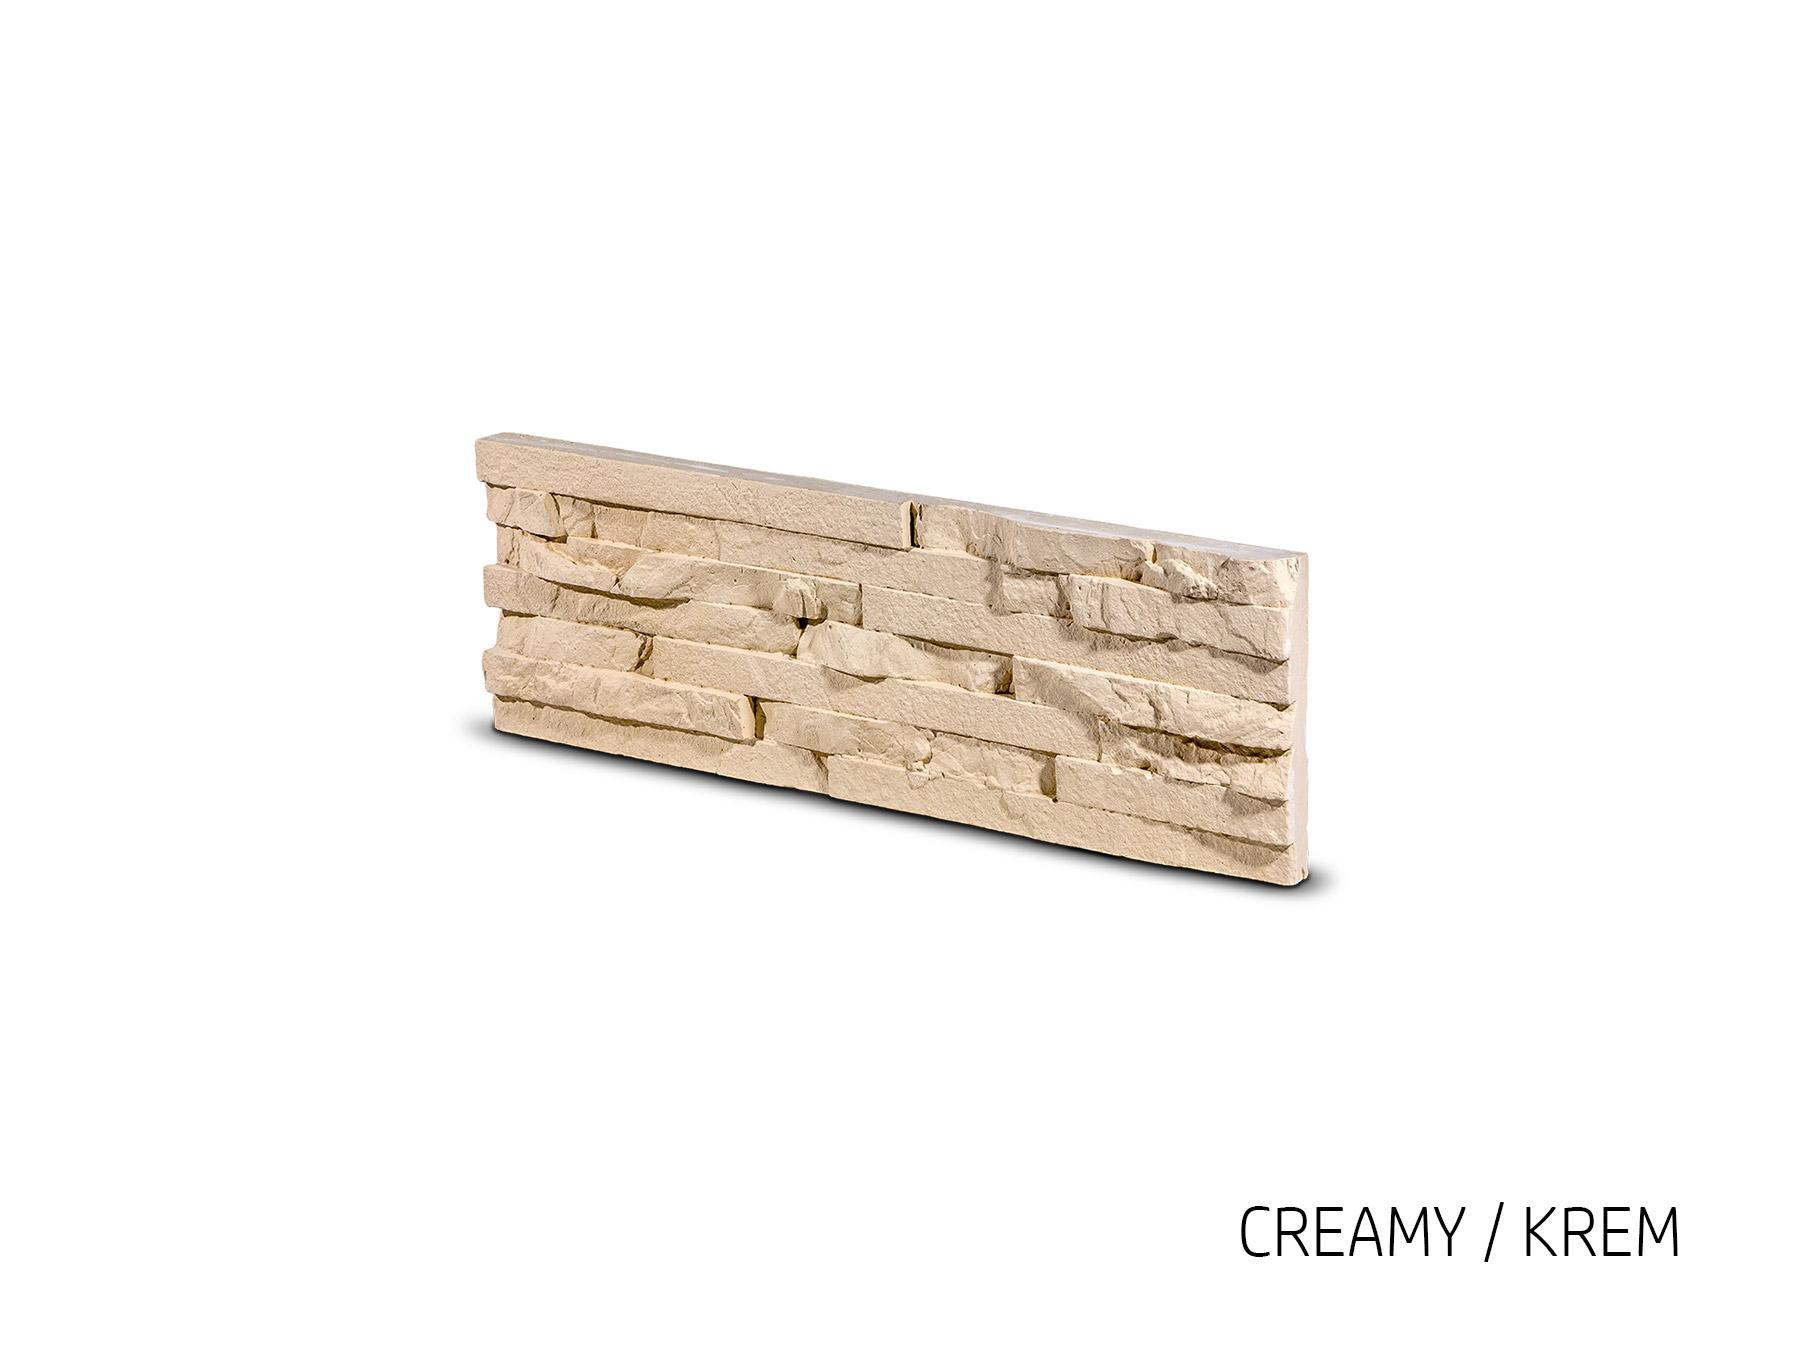 Obkladový kámen TEPIC krémová 495x145x25 mm Sádra balení 0,43m2